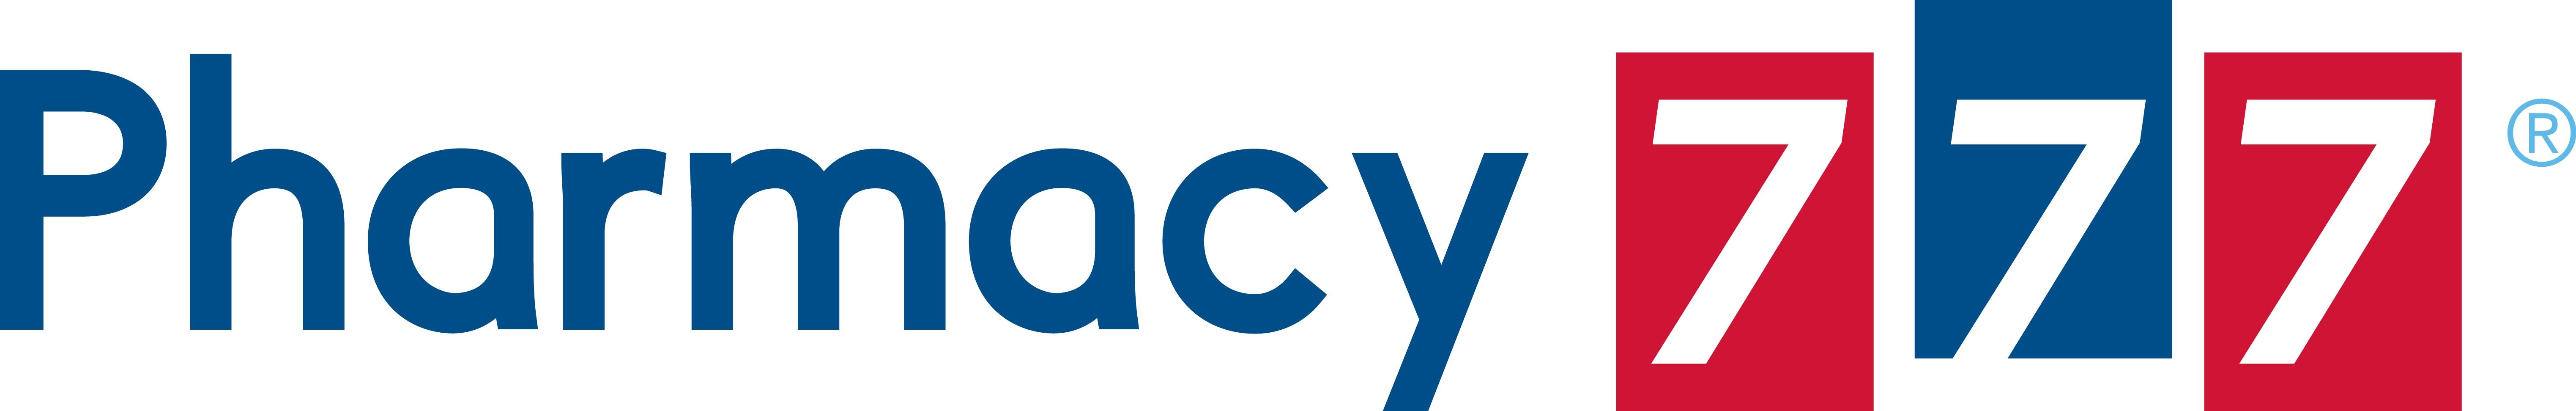 logo for Pharmacy 777